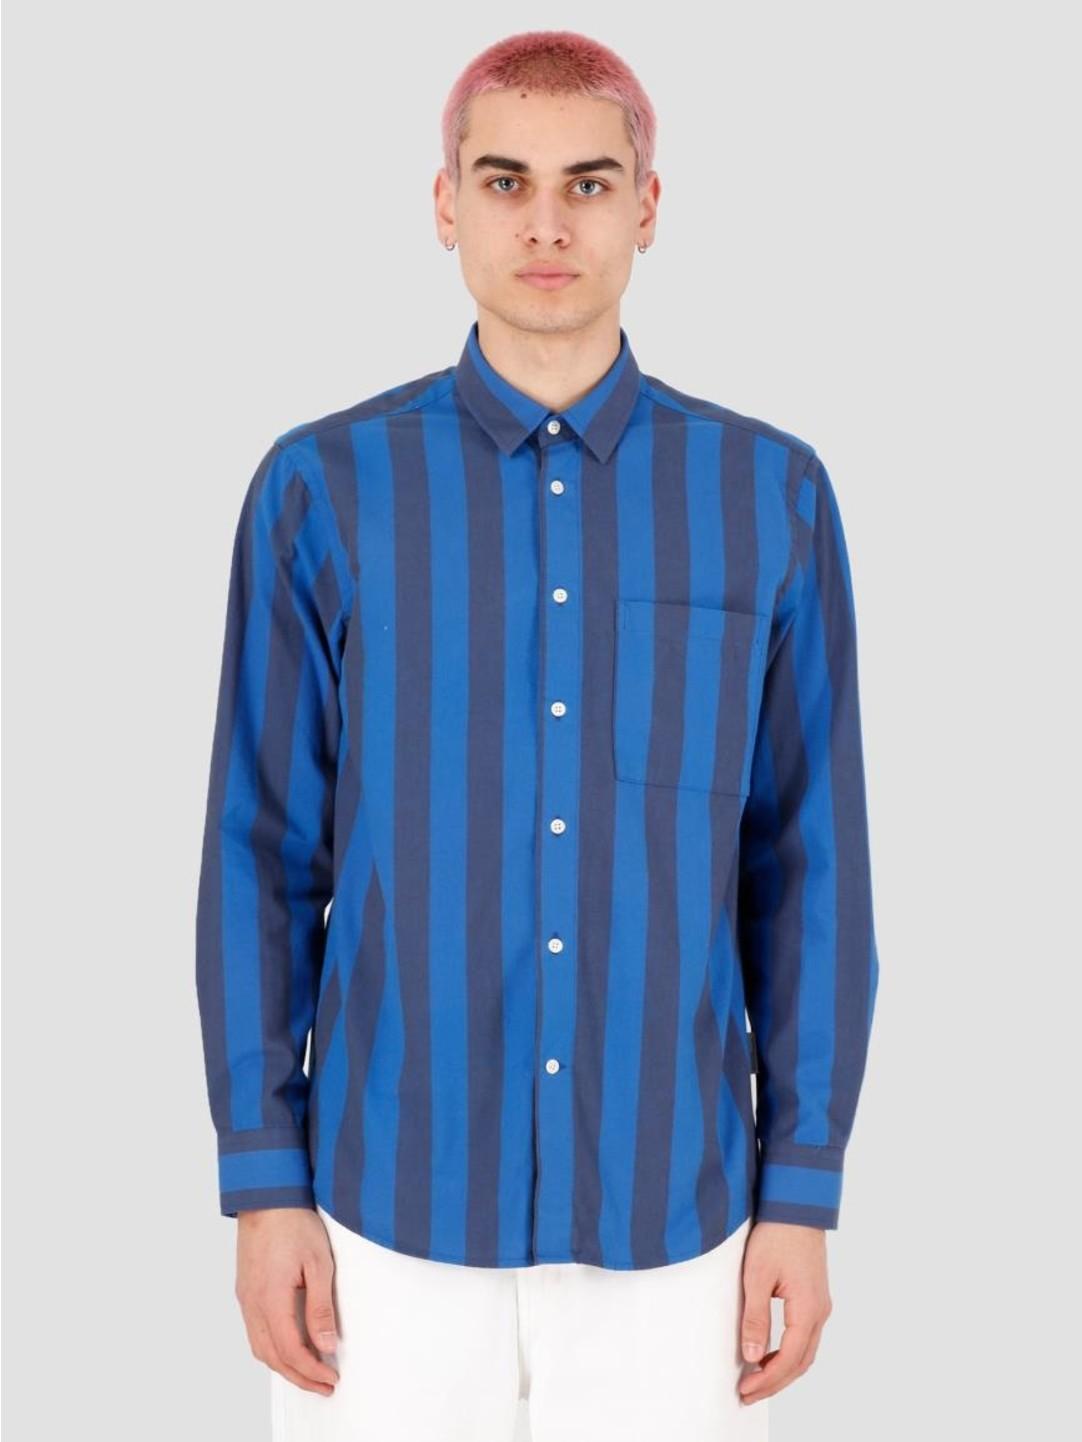 EU FC EU FC Soares Stripe Shirt Blue